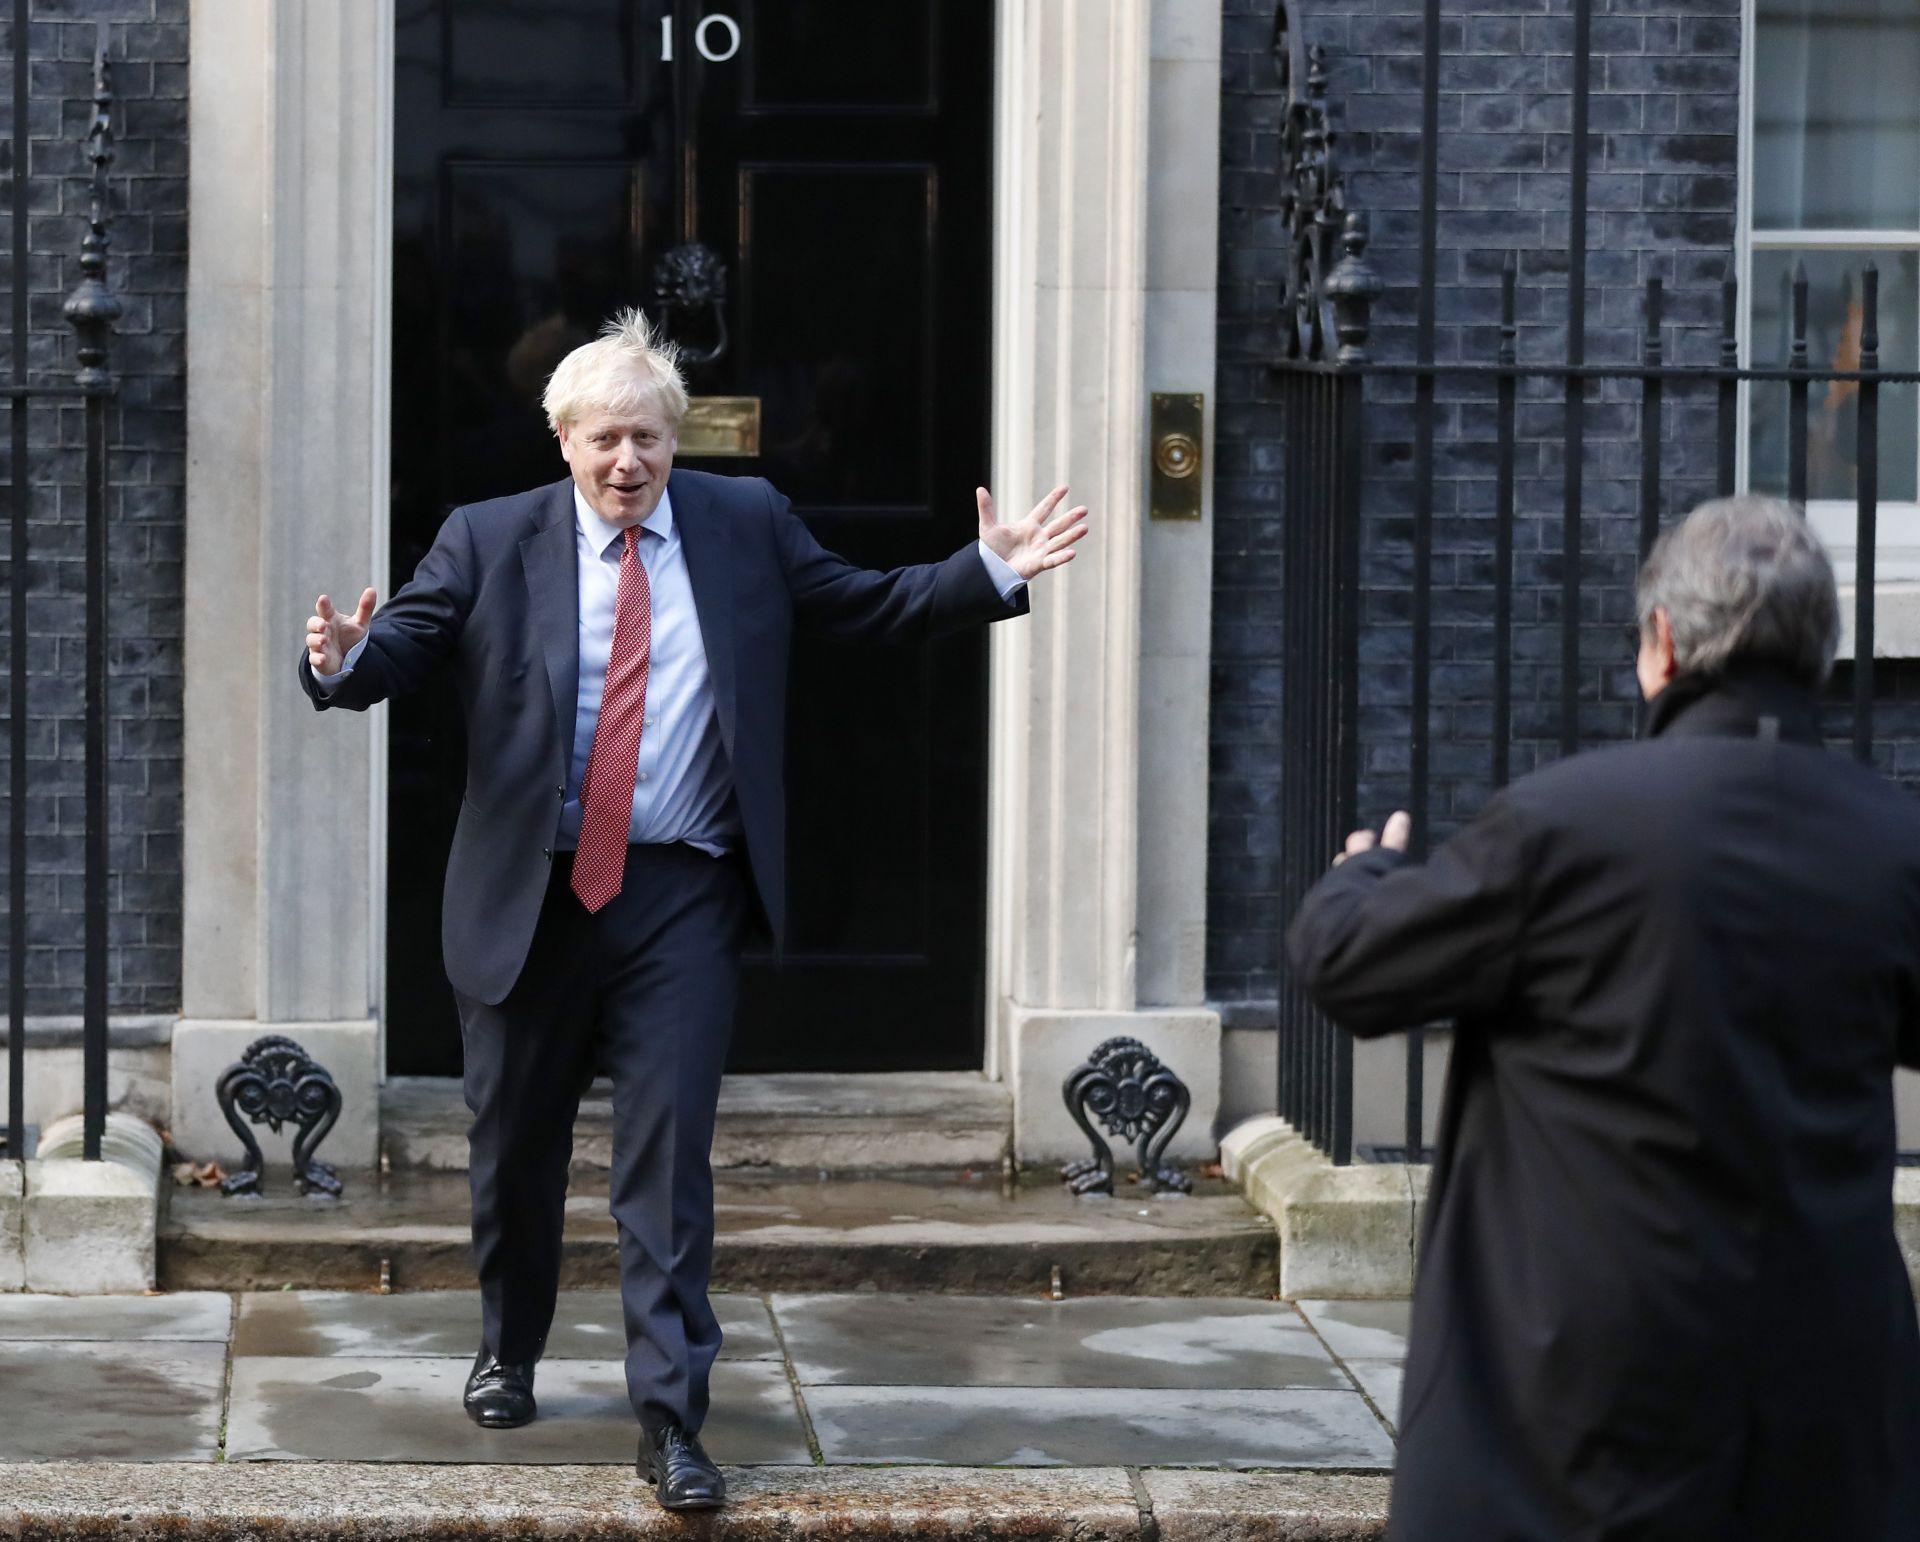 Борис Джонсън посрещна сърдечно председателя на ЕП Давид Сасоли